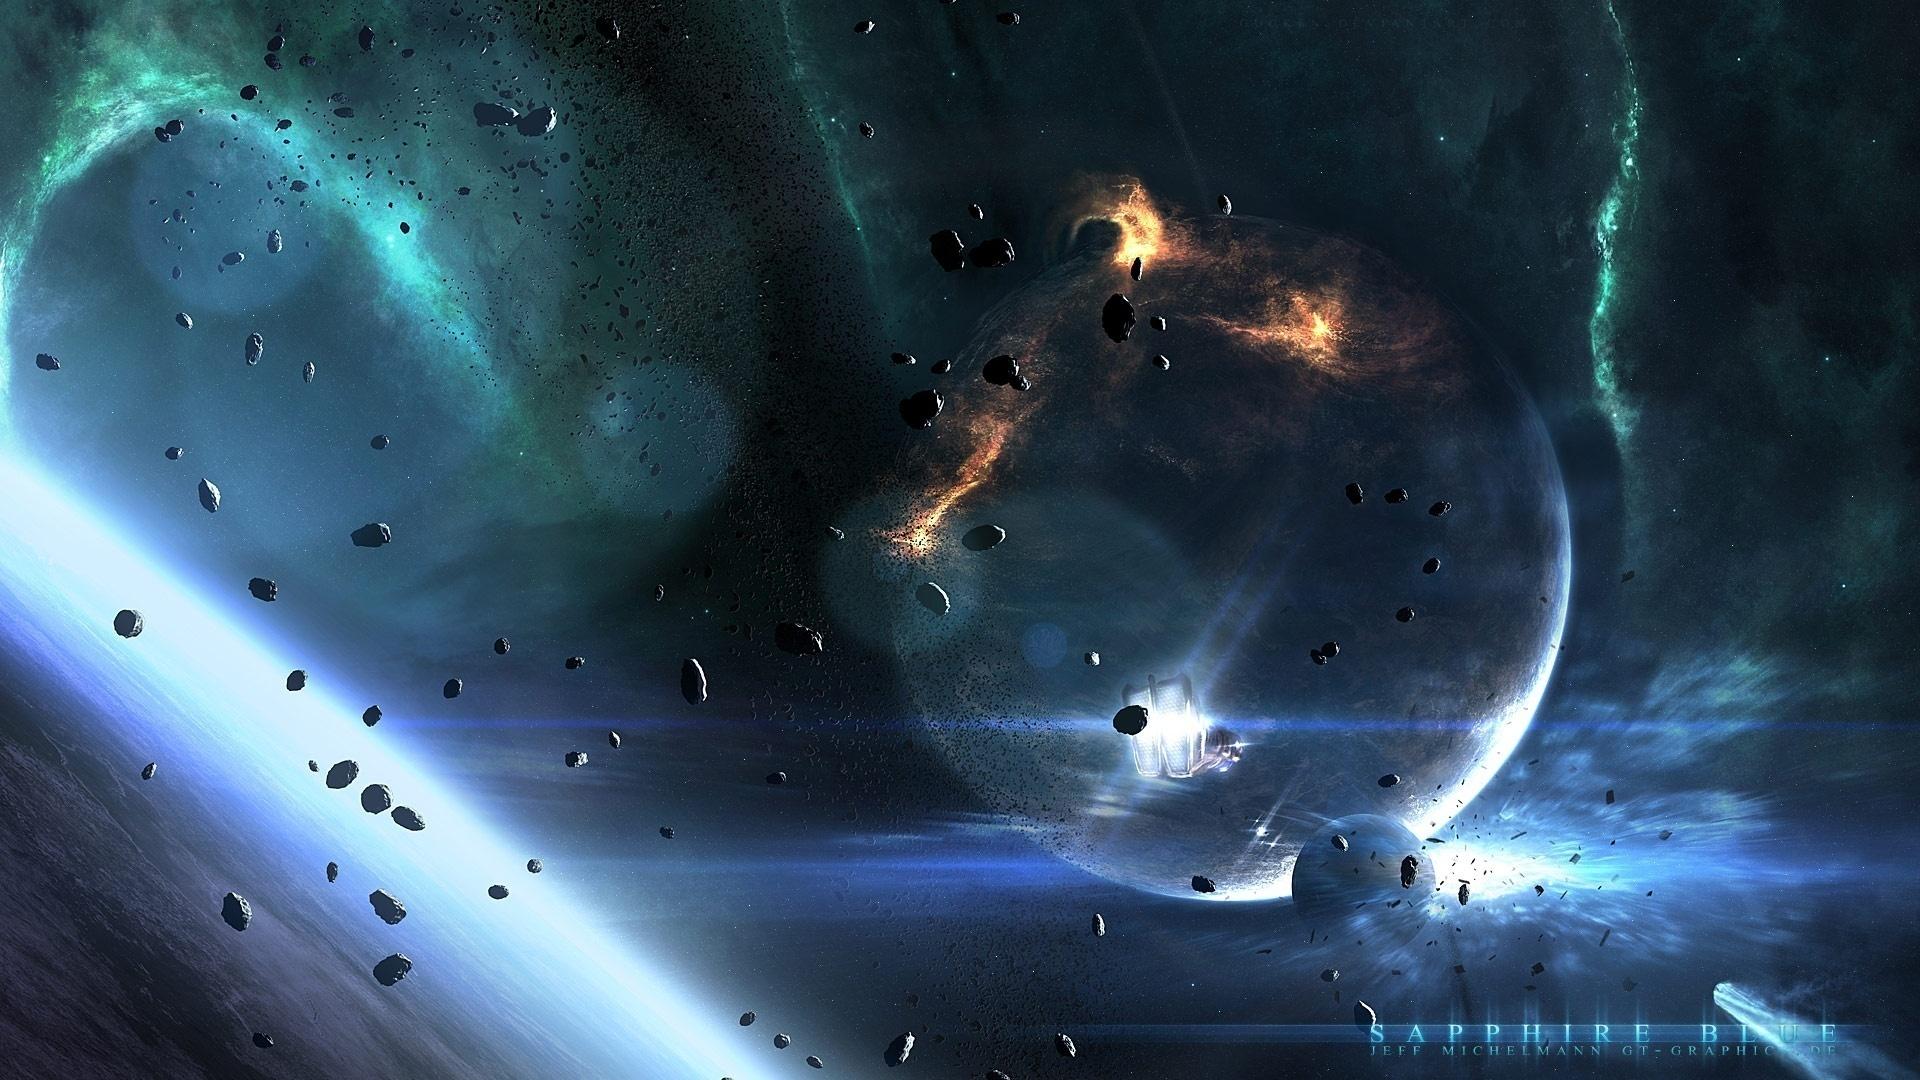 Обои Разрушенная планета, корабль картинки на рабочий стол на тему Космос - скачать скачать